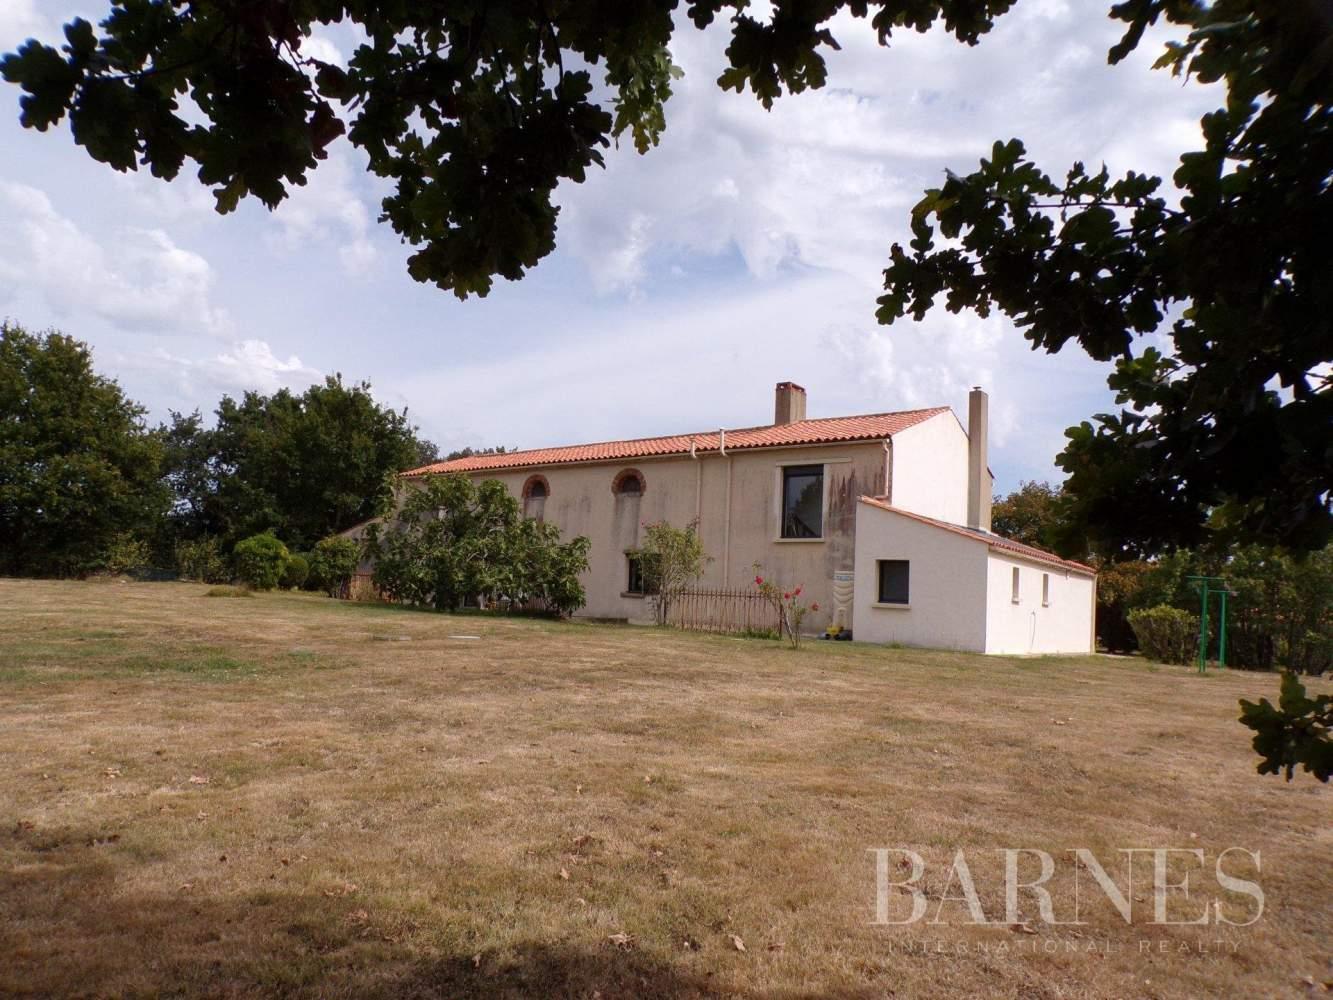 Talmont-Saint-Hilaire  - Maison 8 Pièces - picture 3